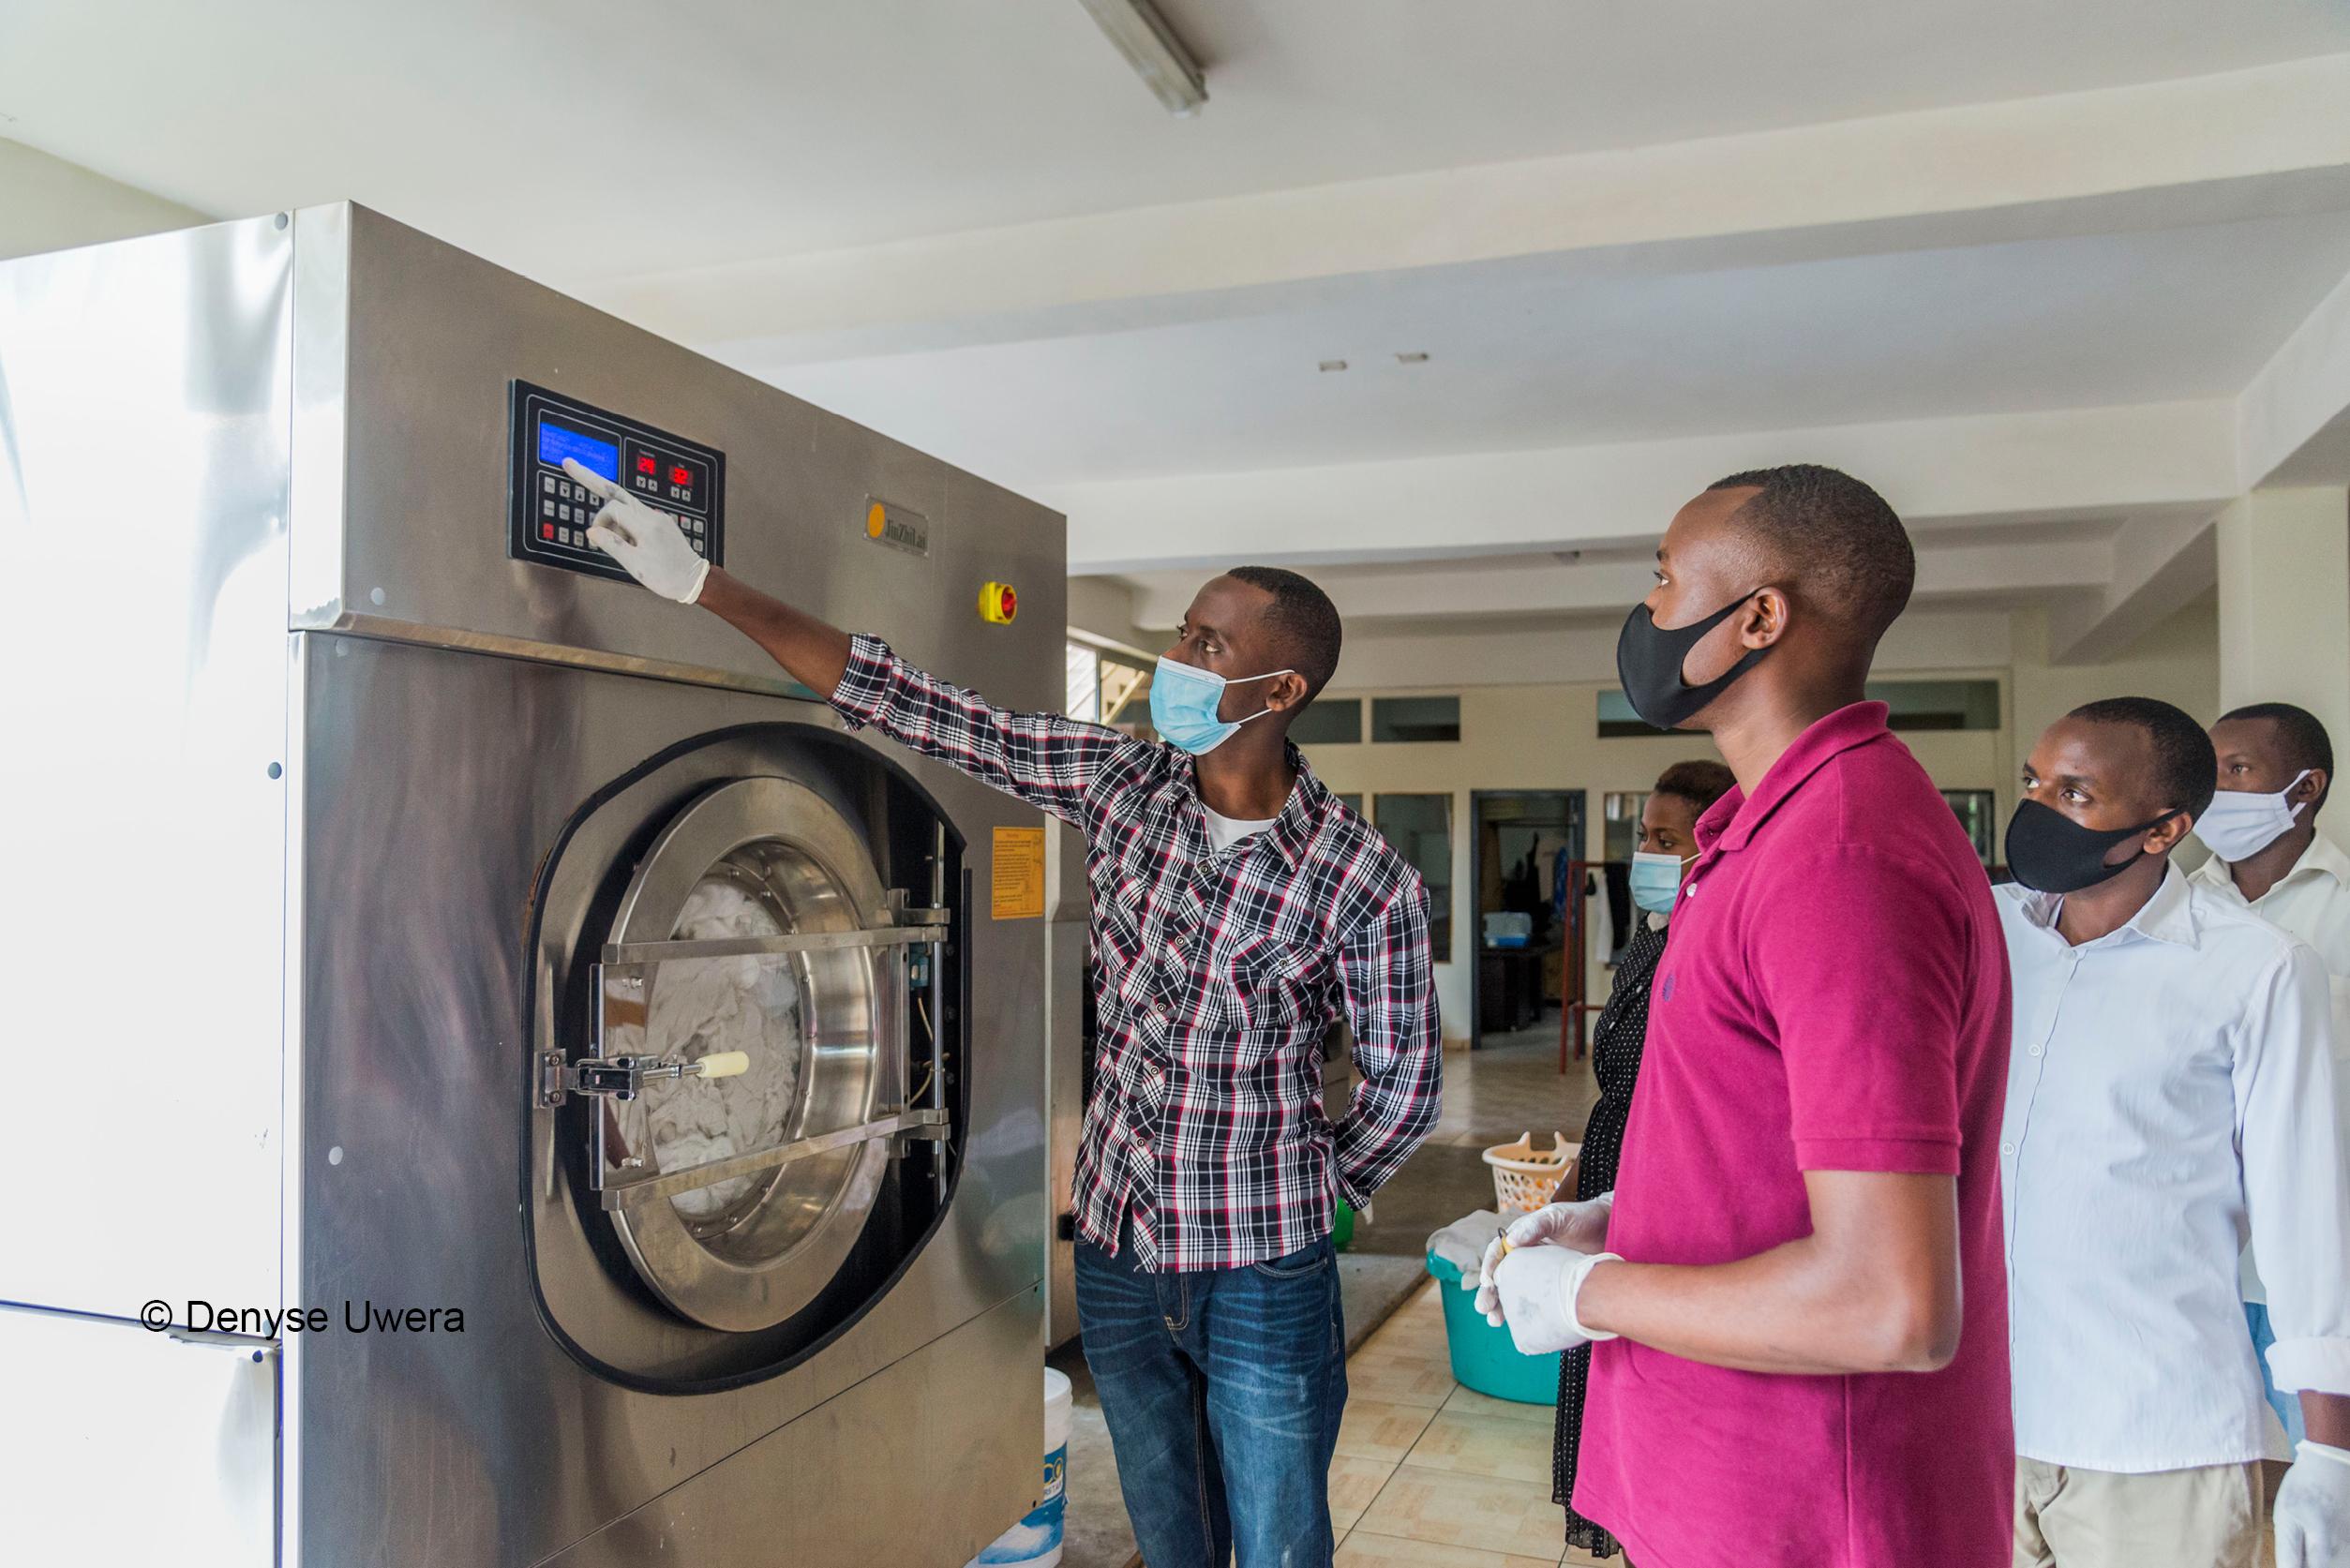 Mann zeigt Kollegen eine Waschmaschine